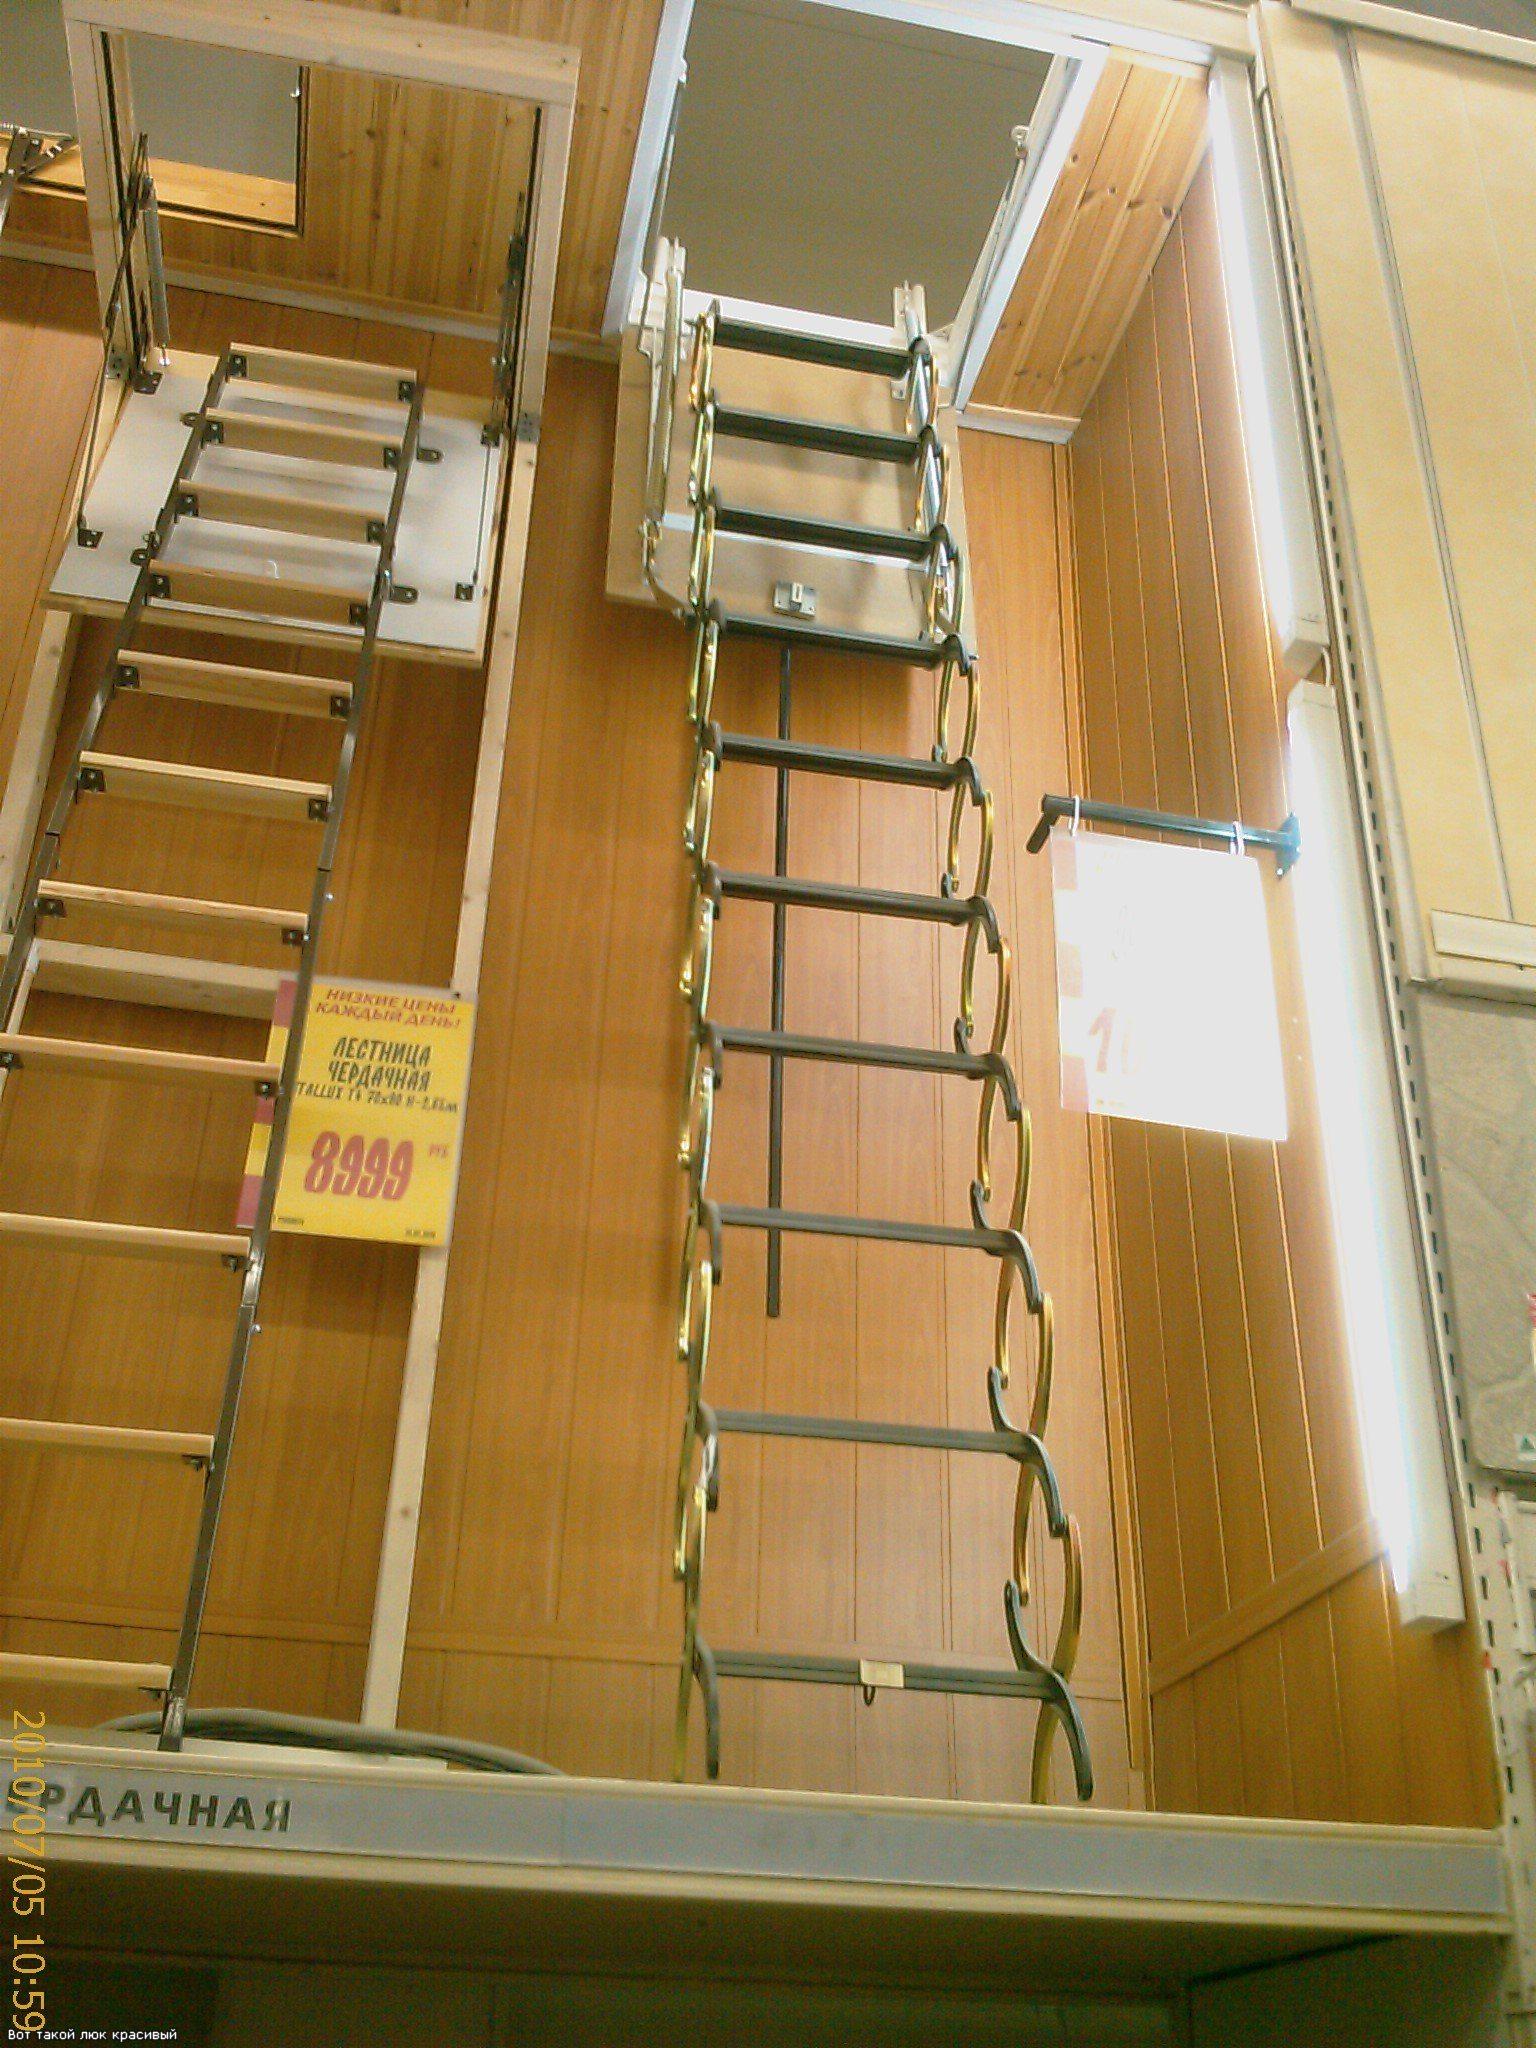 Пожарные лестницы на лоджиях.